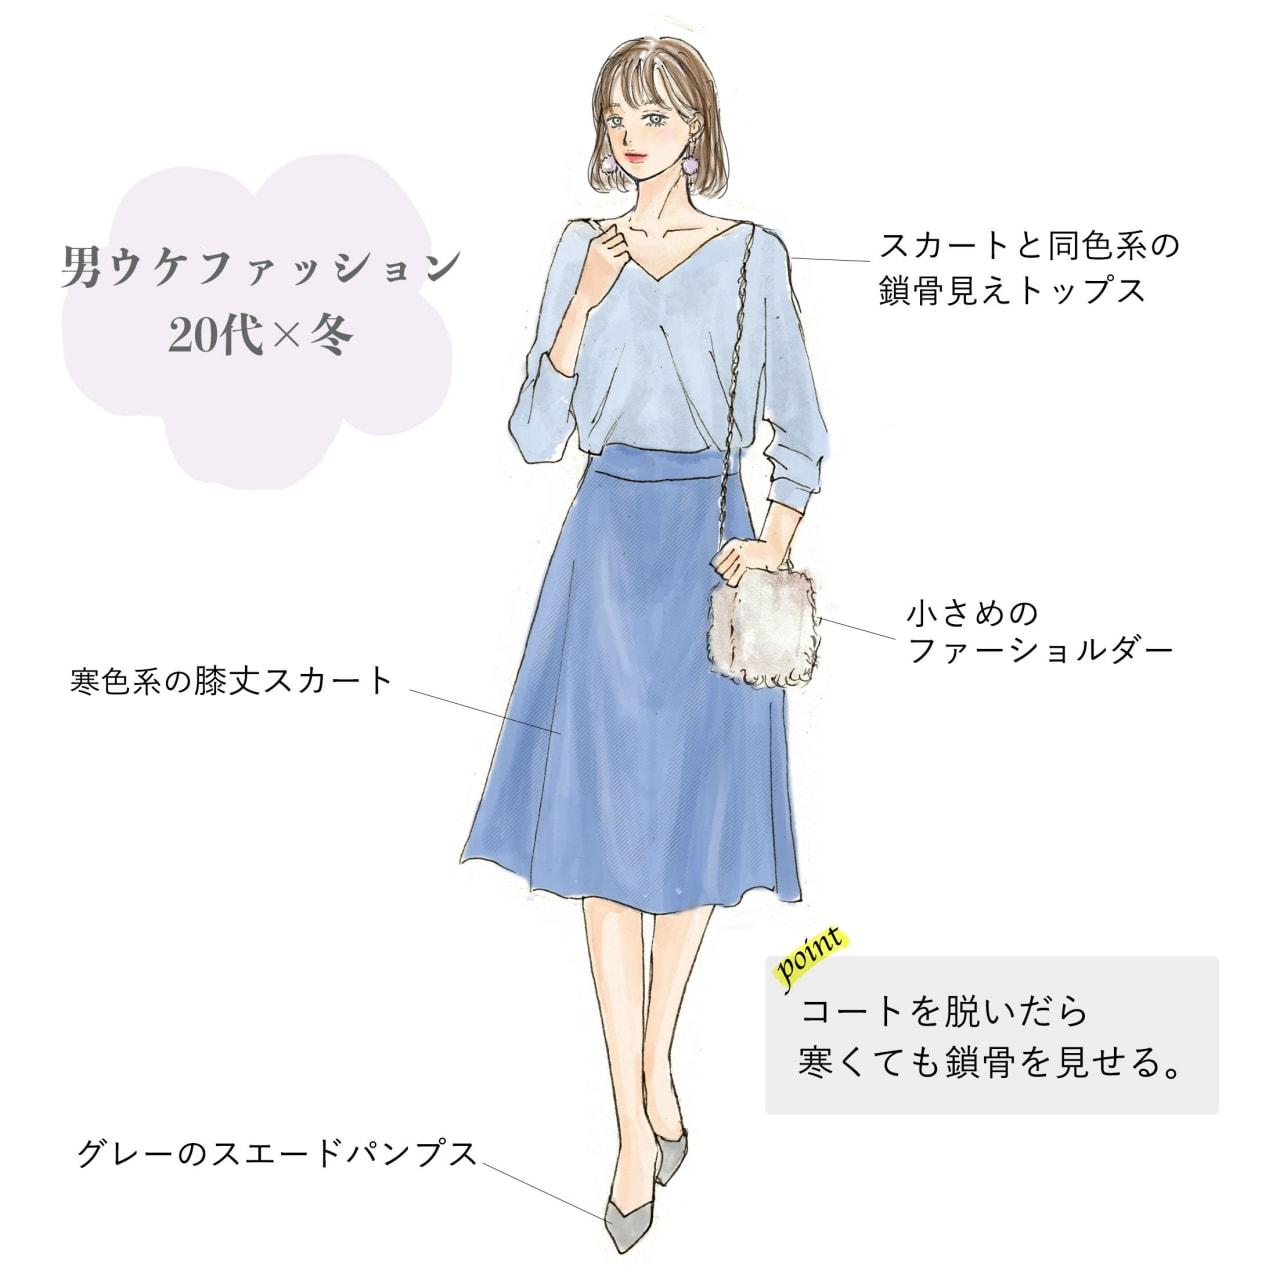 男ウケファッション 20代×冬